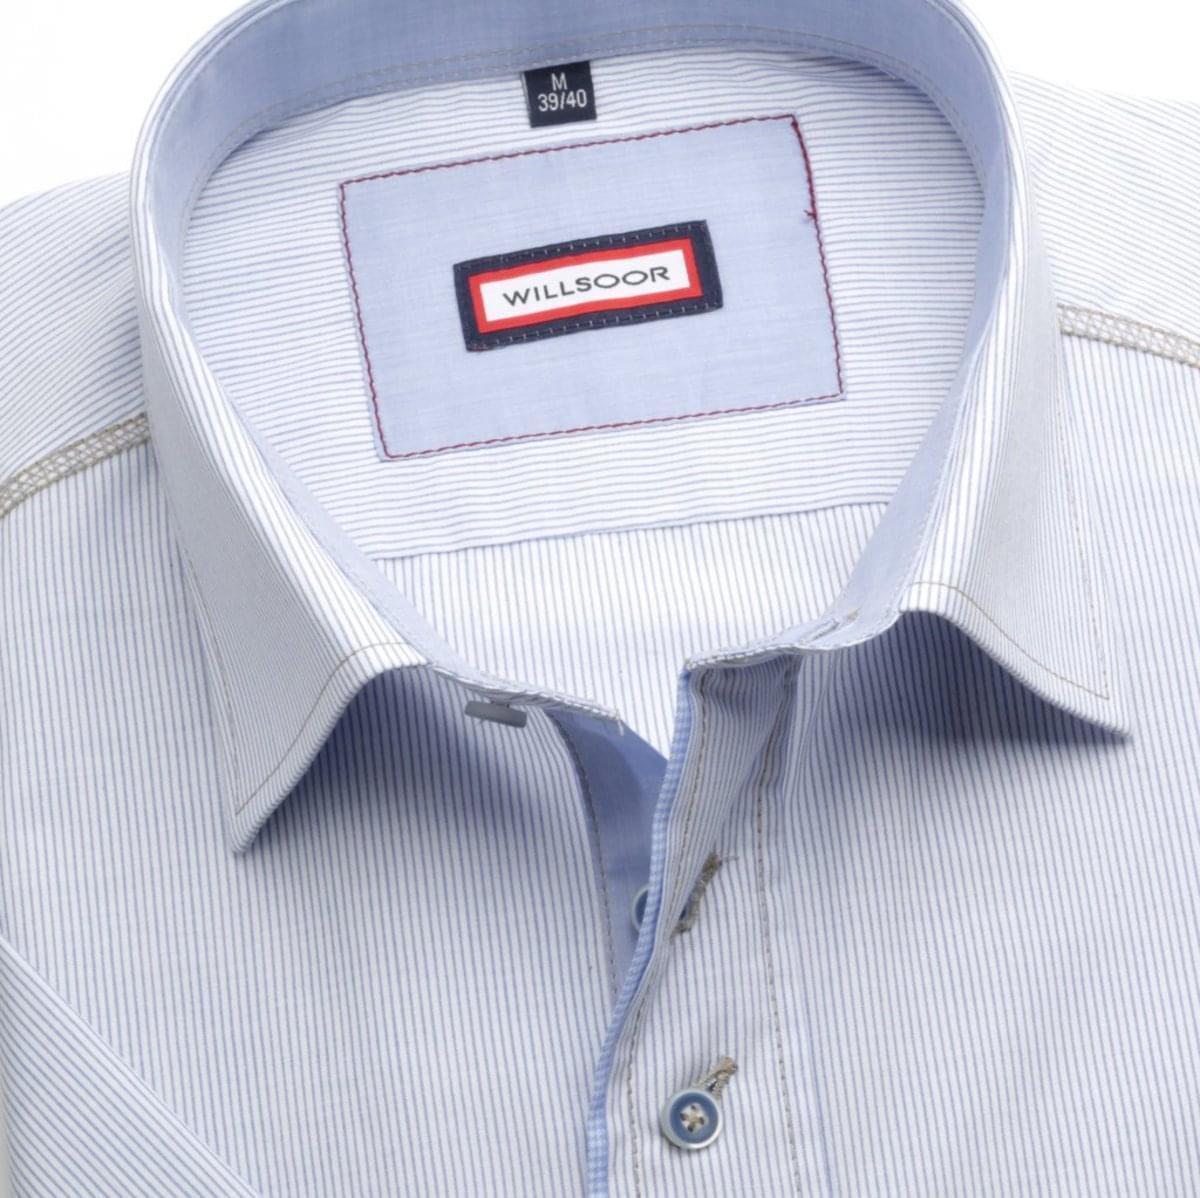 Pánska košele WR Slim Fit s krátkym rukávom a pásikmi (výška 176-182) 4950 176-182 / M (39/40)